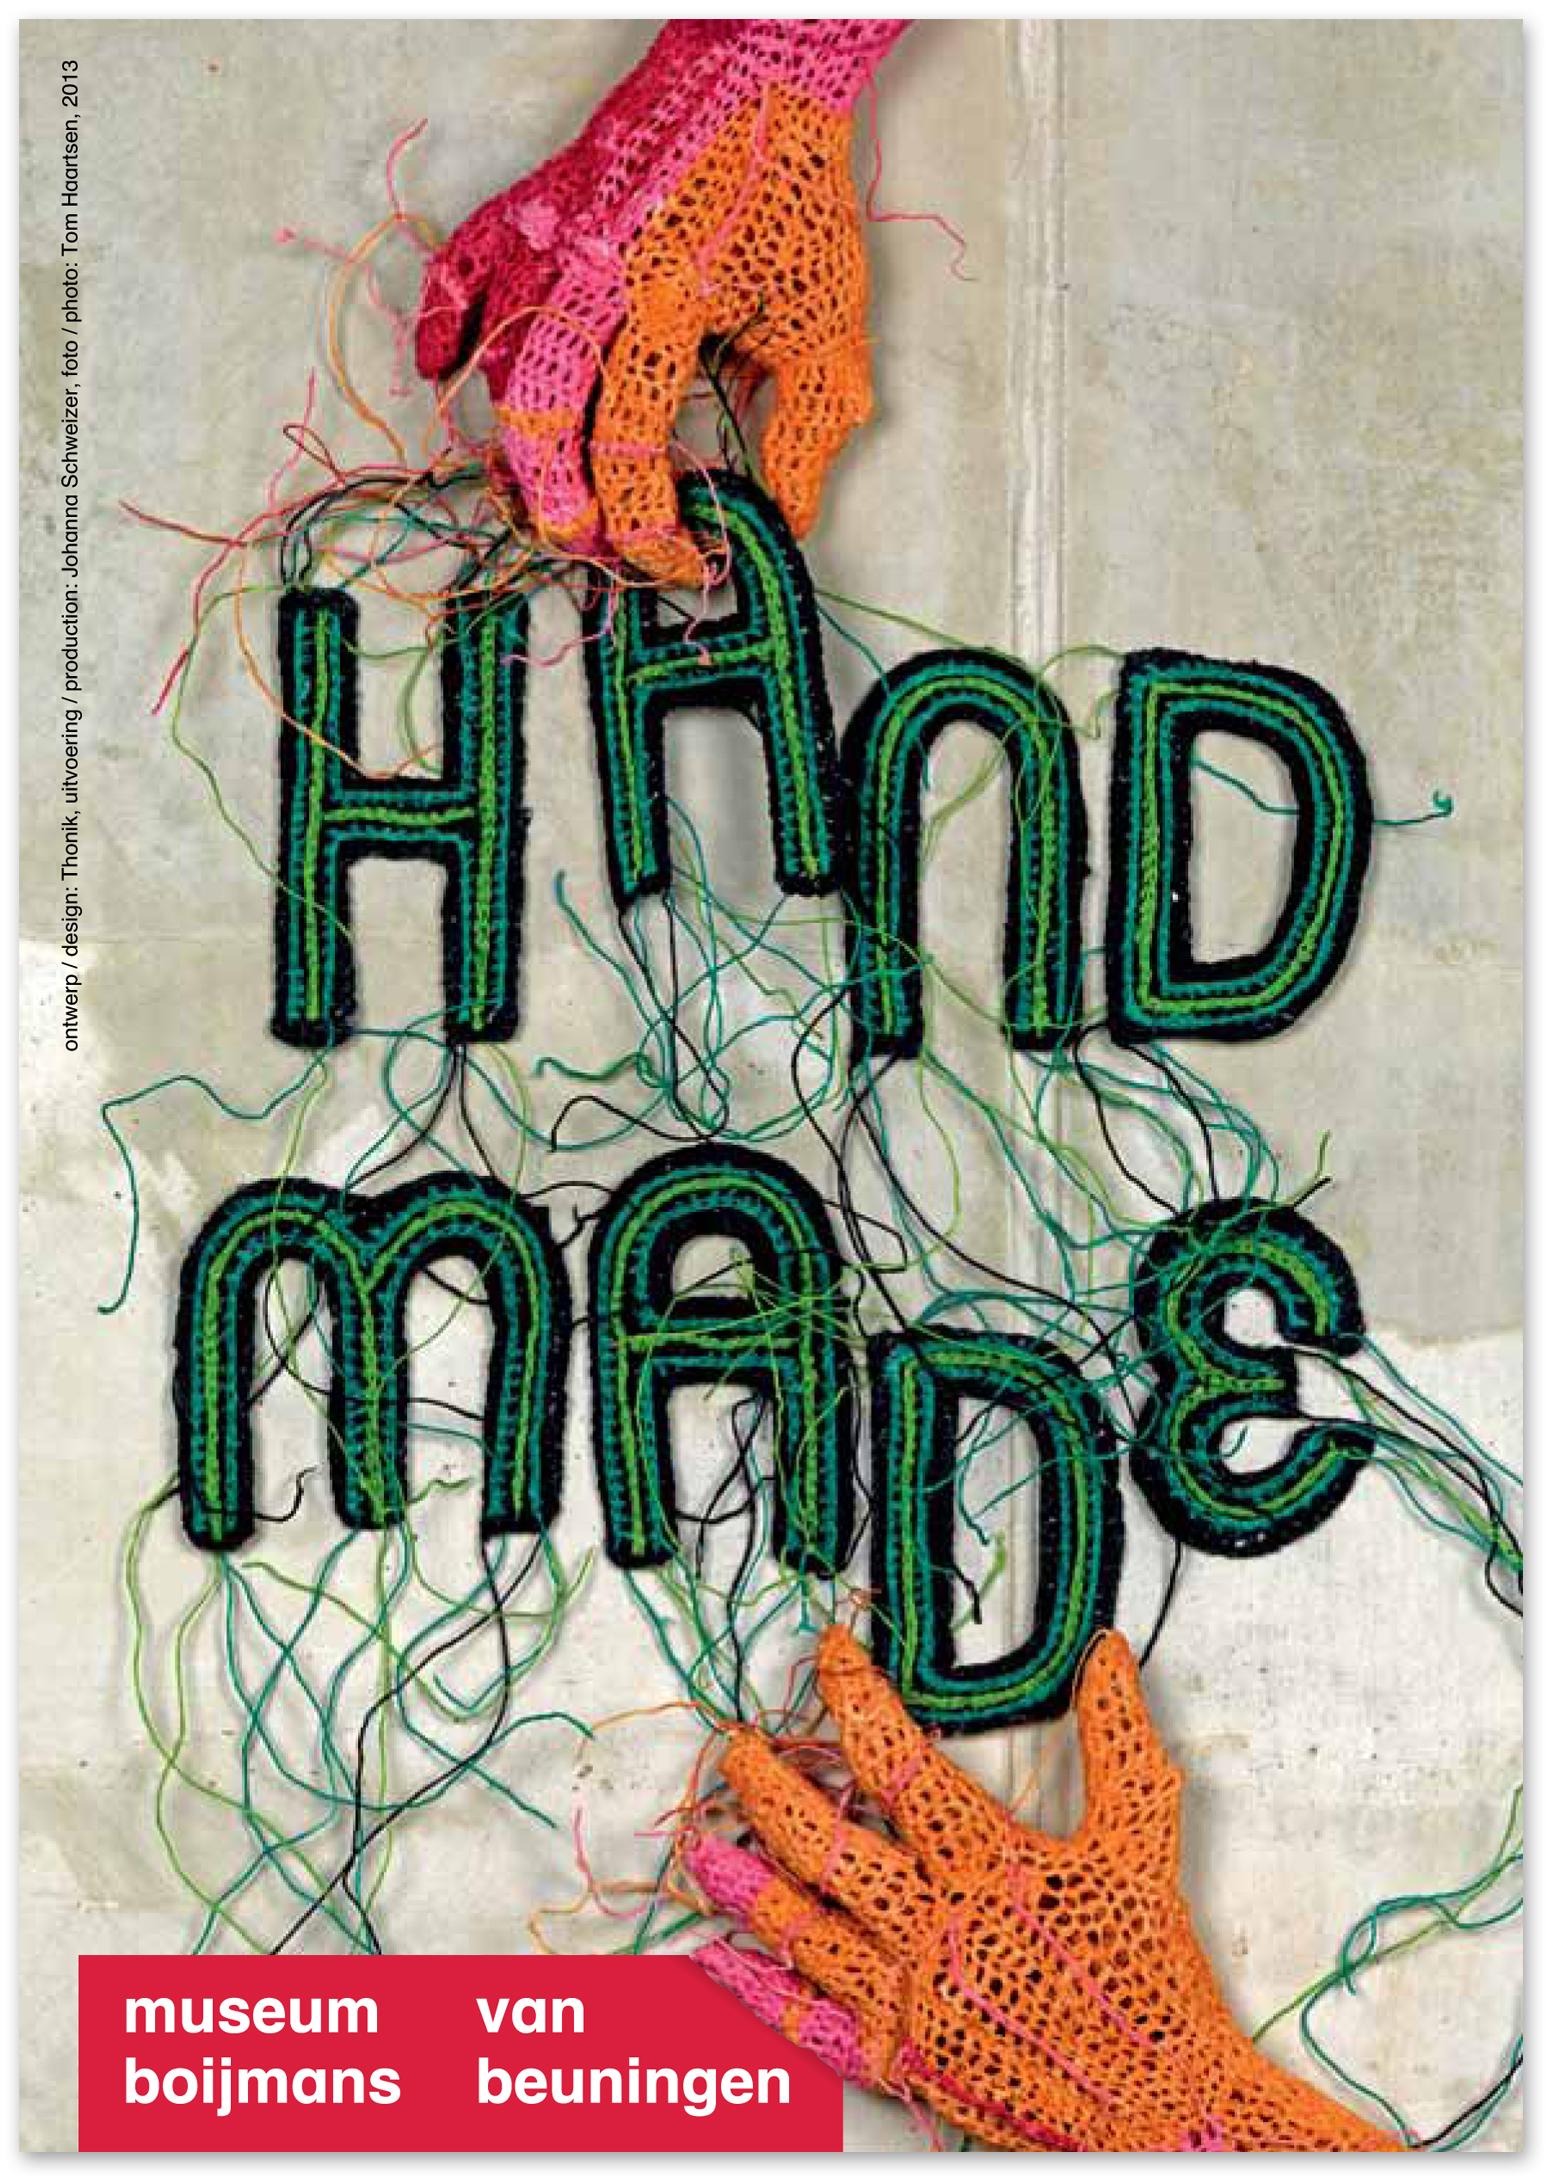 bstudio_colorado-boijmans_van_beuningen-flyer_hand_made-1